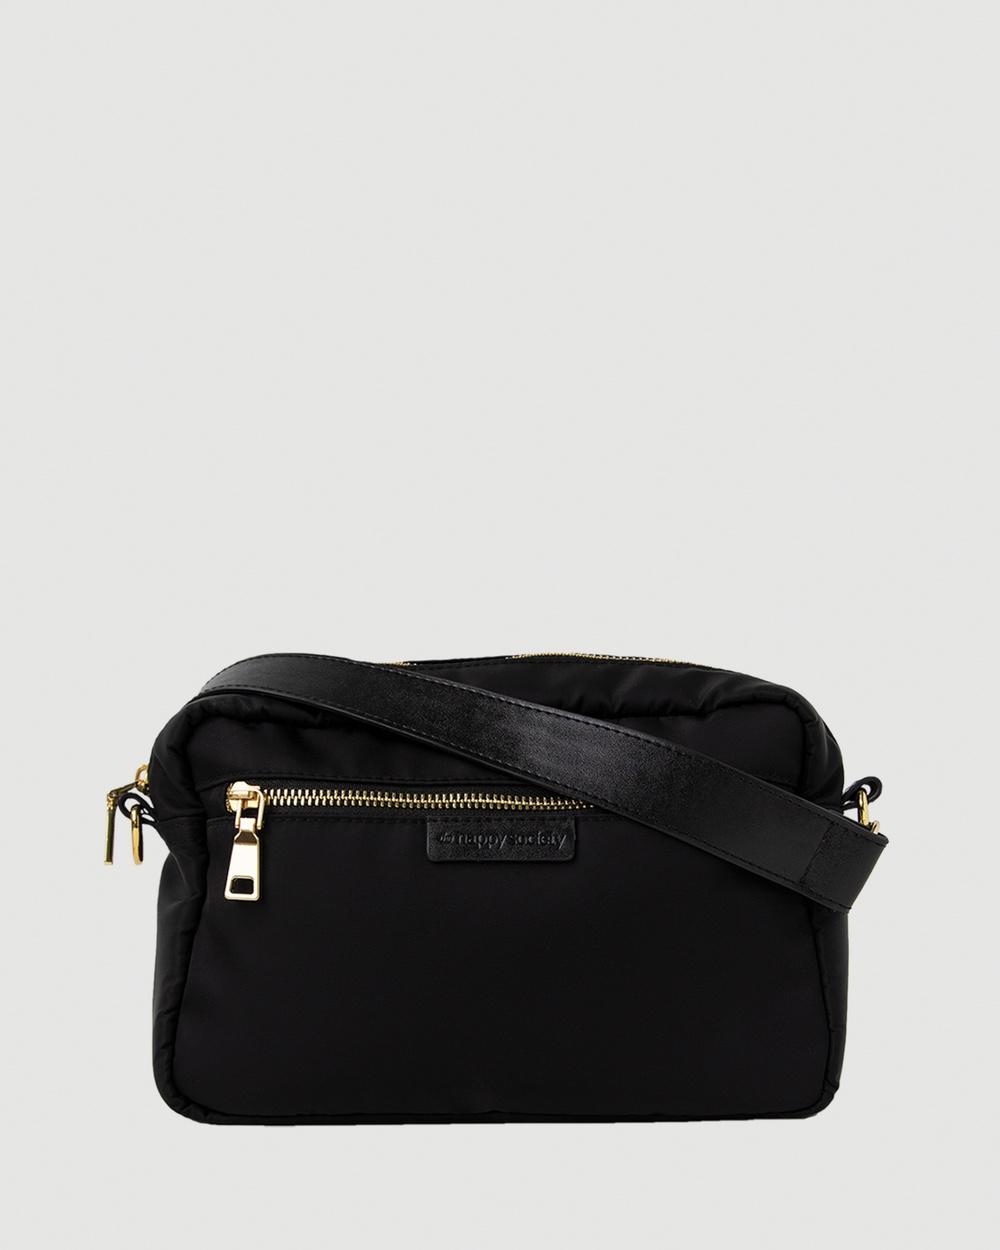 The Nappy Society Cross Body Bag Handbags Black Australia